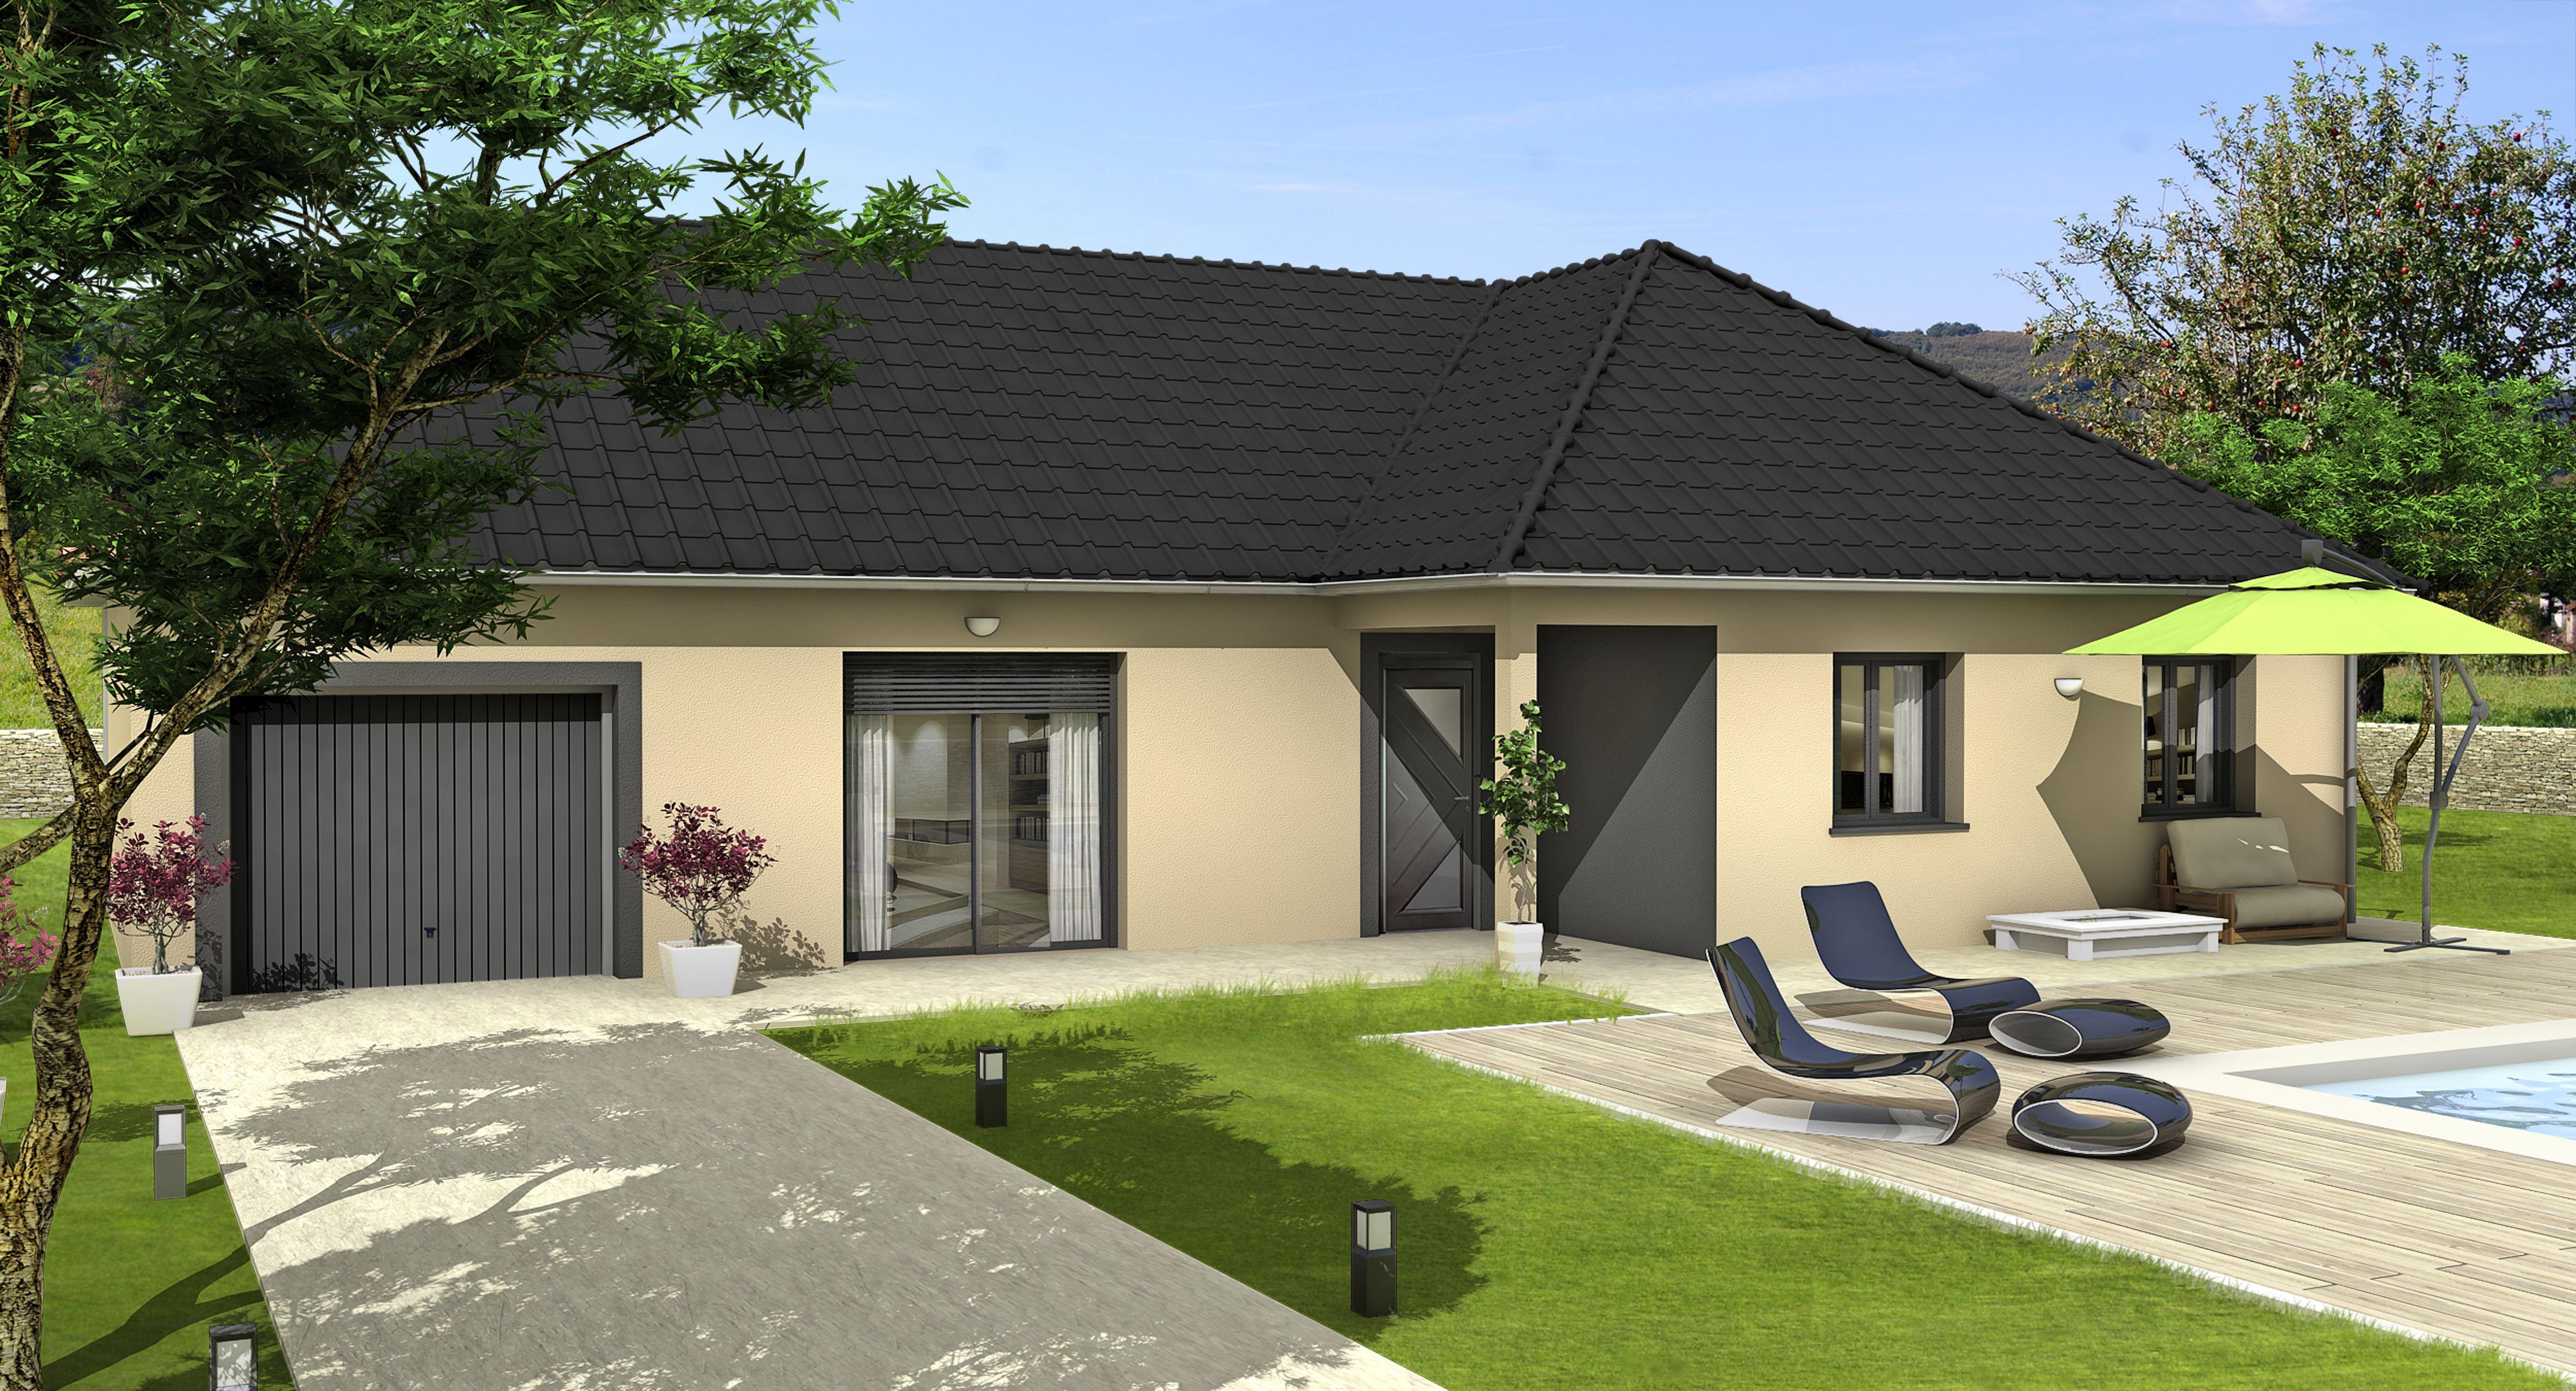 Annonce vente maison montbr 51500 100 m 249 117 for Garage belfort auto mantes la jolie